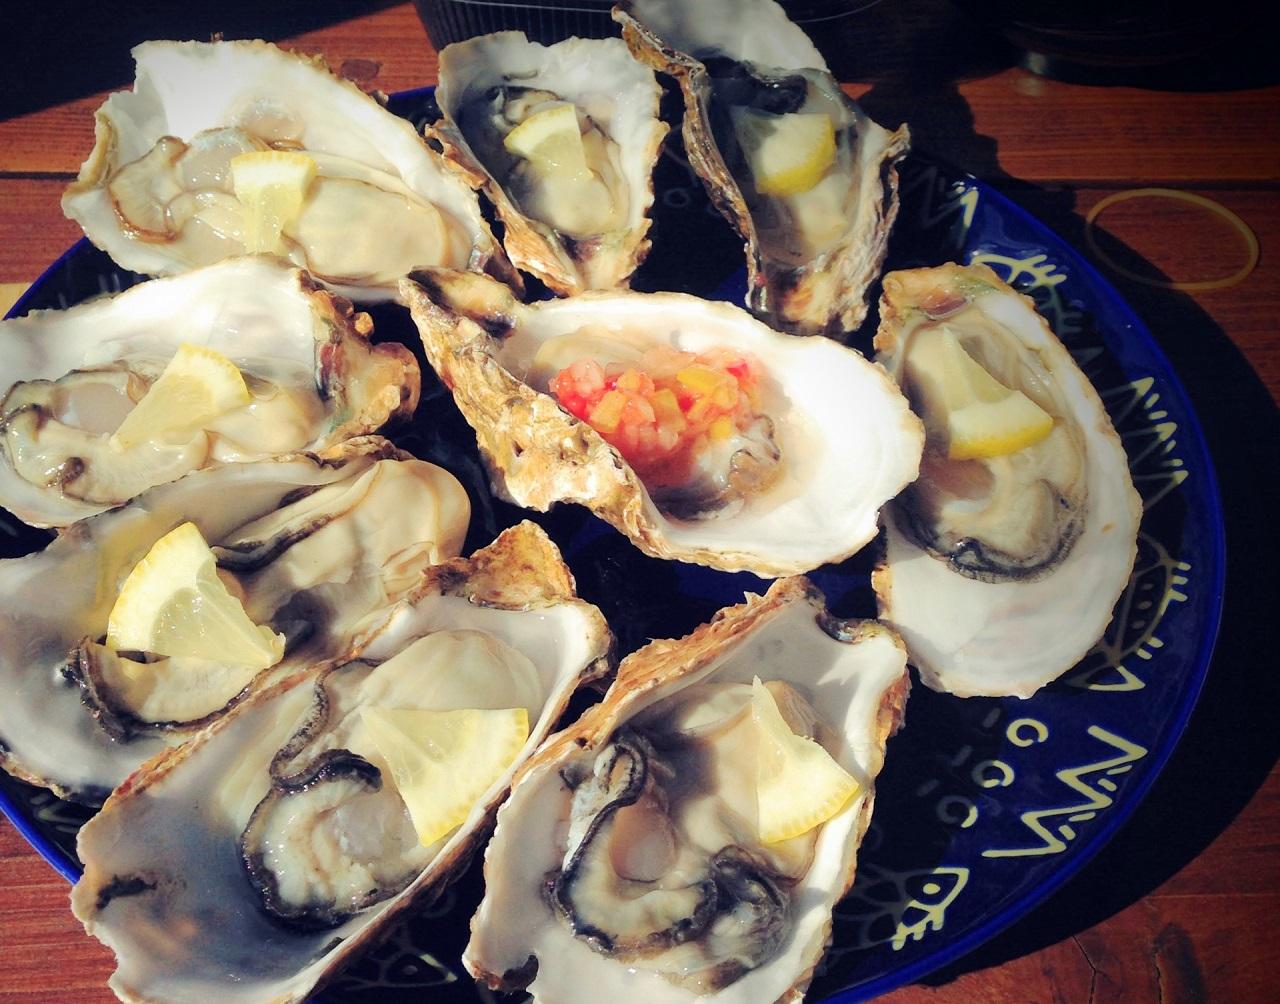 อาหารท้องถิ่น จ.มิเอะ (Mie) - หอยนางรมมาโตยะ (Matoya Oyster)